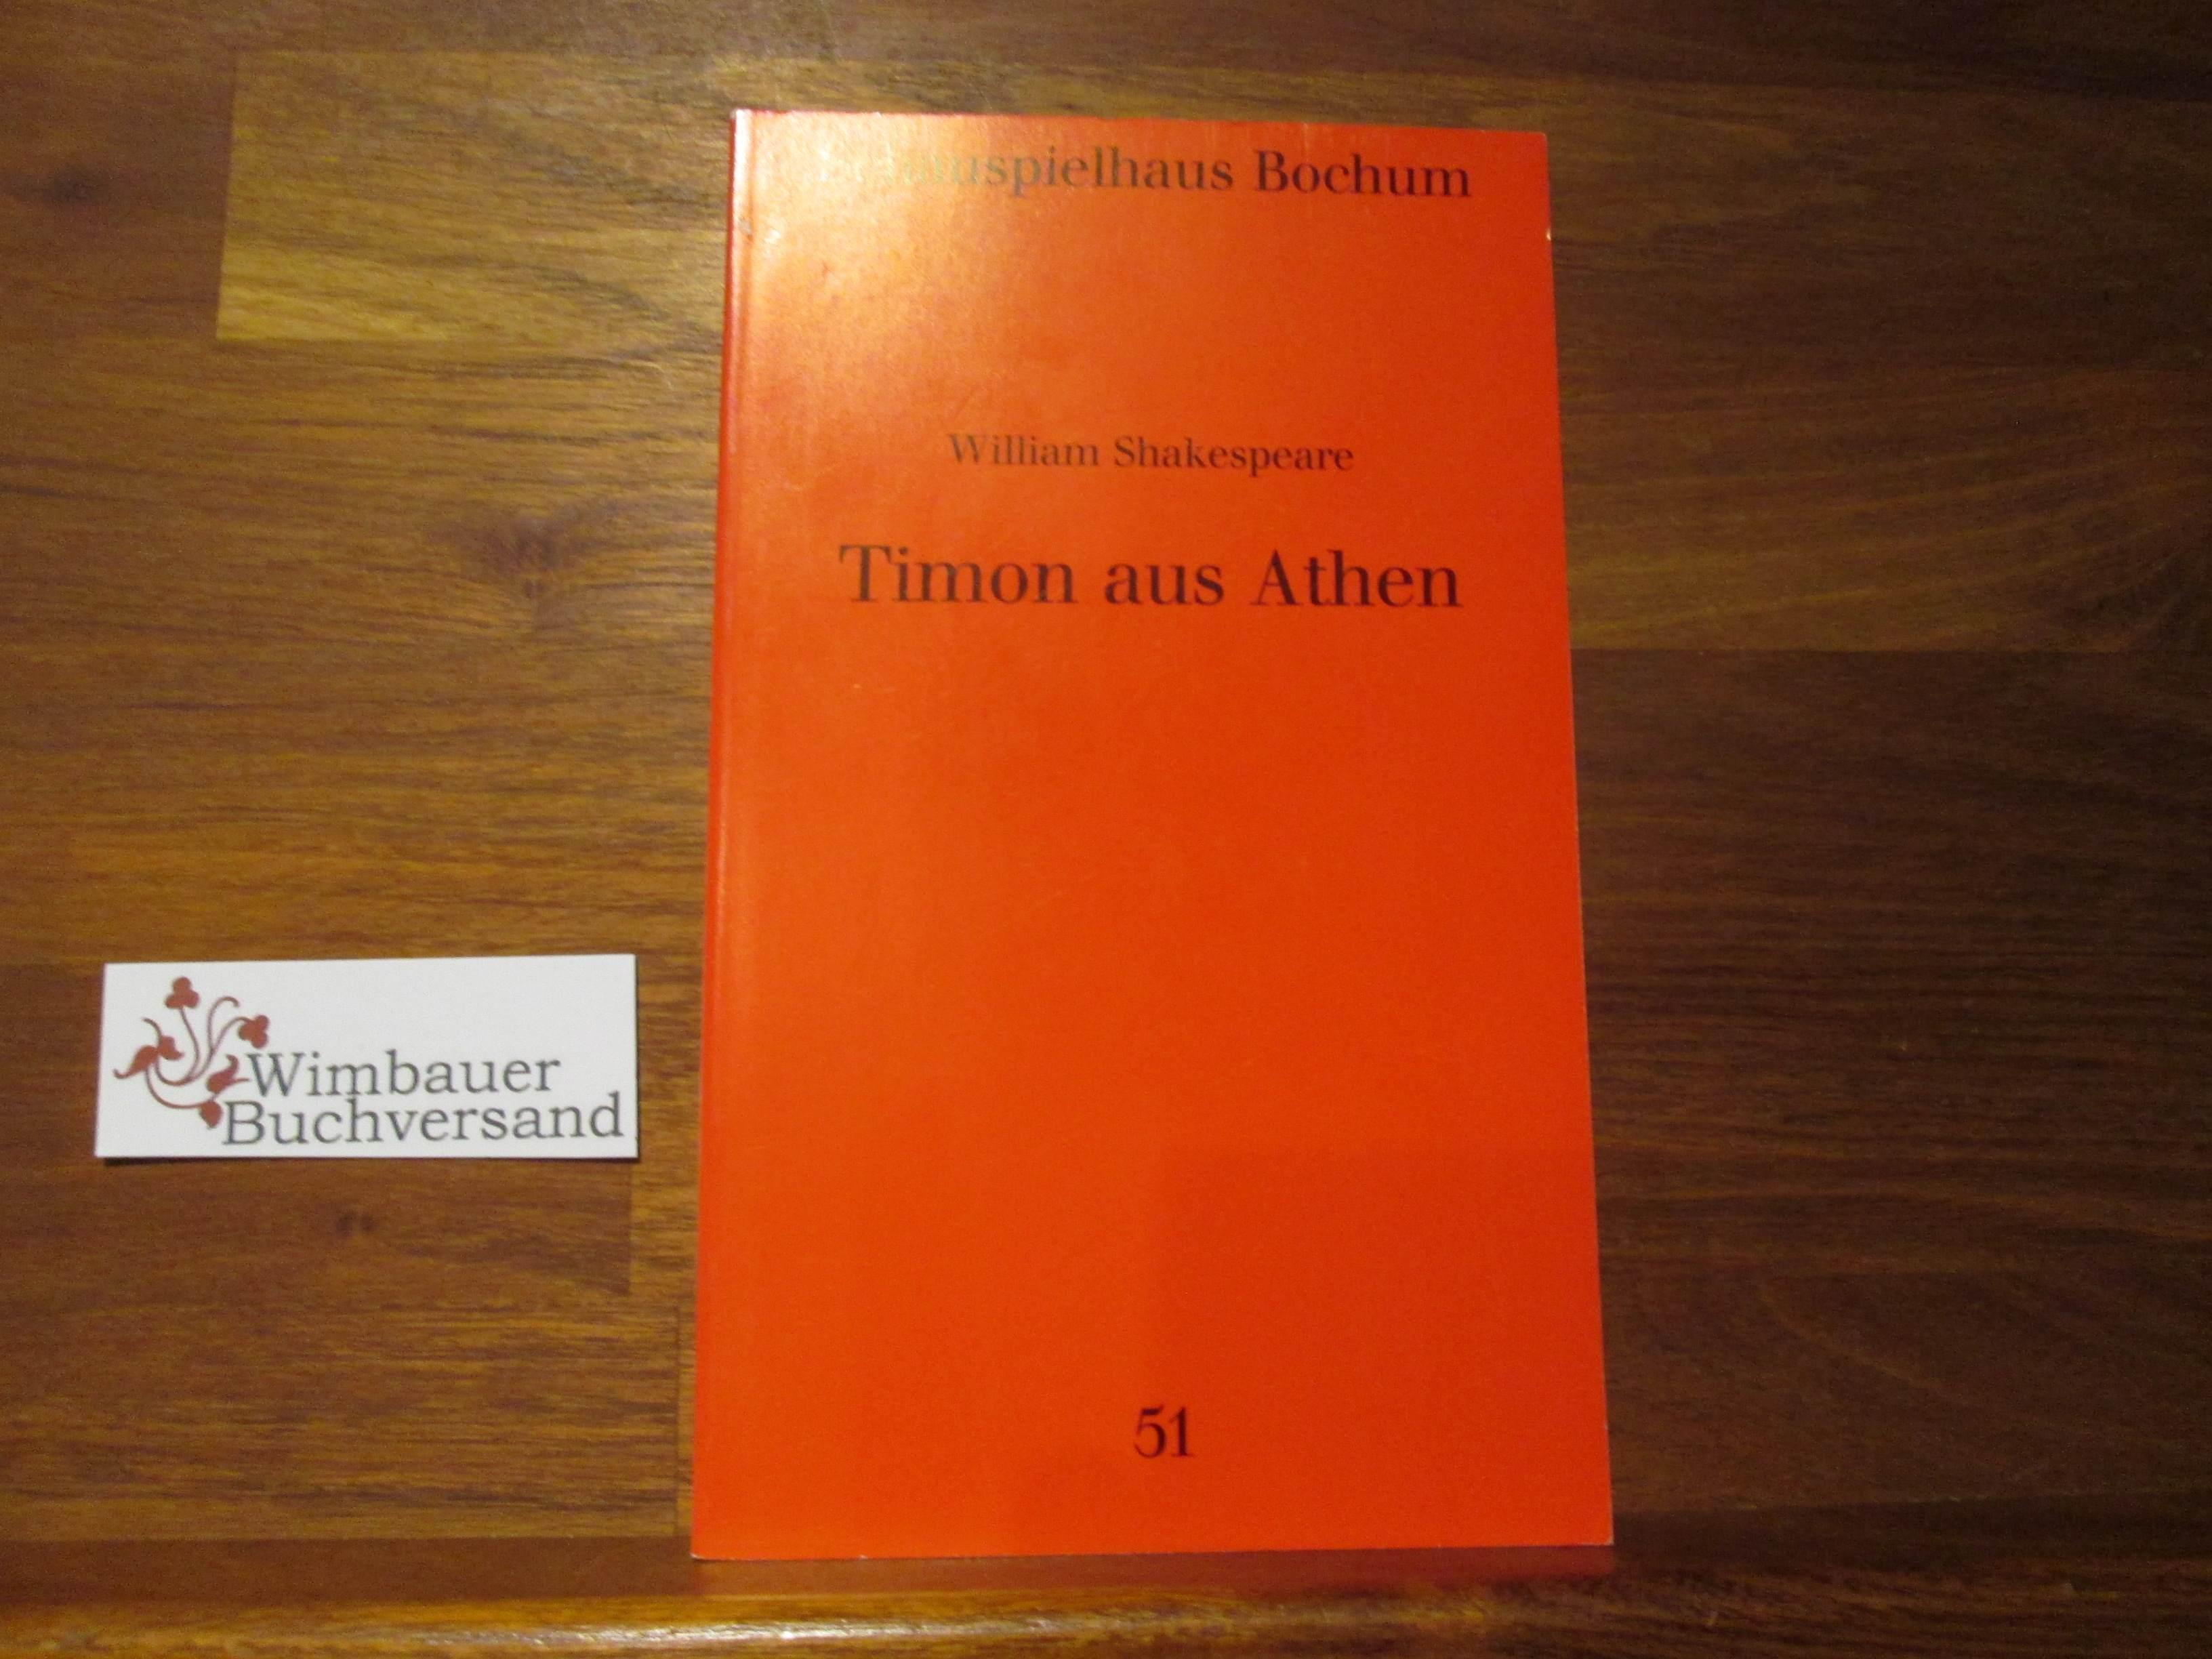 Schauspielhaus Bochum: Programmbuch; Teil: [N.F.], Nr. 51., Timon aus Athen : [Spielzeit 1990. 91]/ William Shakespeare